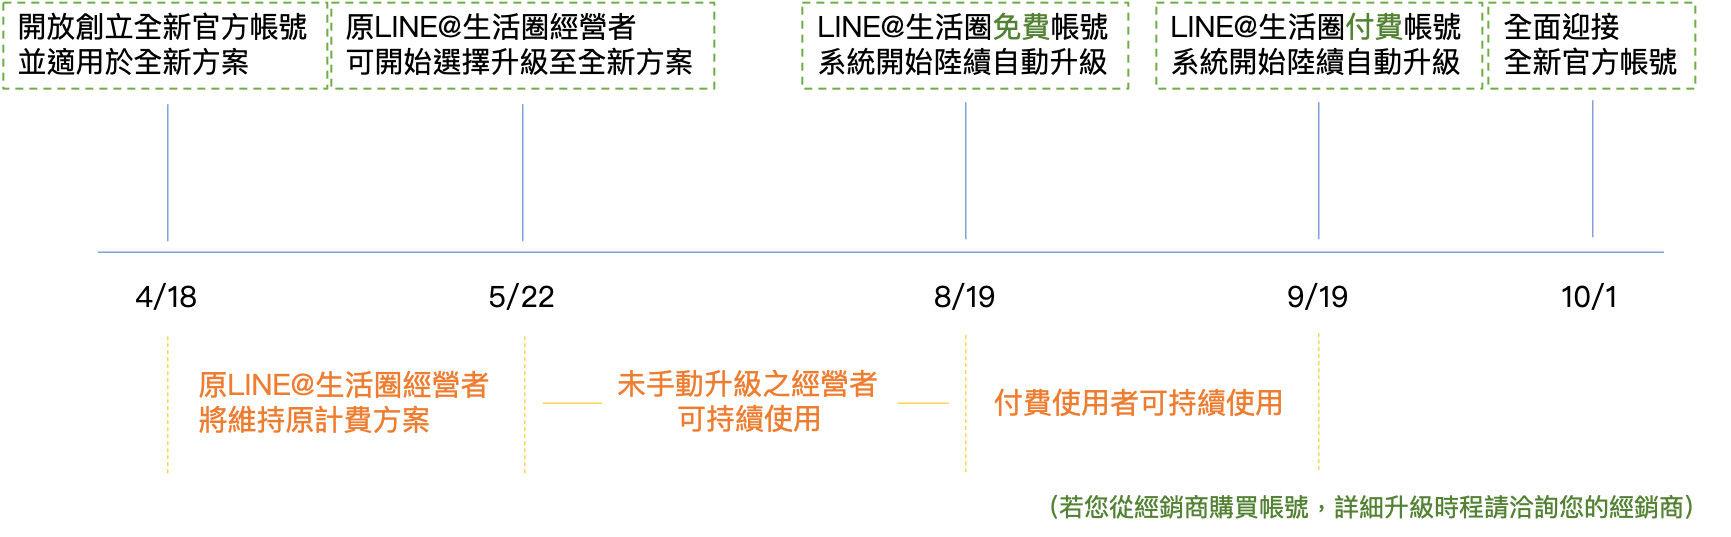 LINE官方帳號2.0升級流程-鯊客科技SEO優化公司